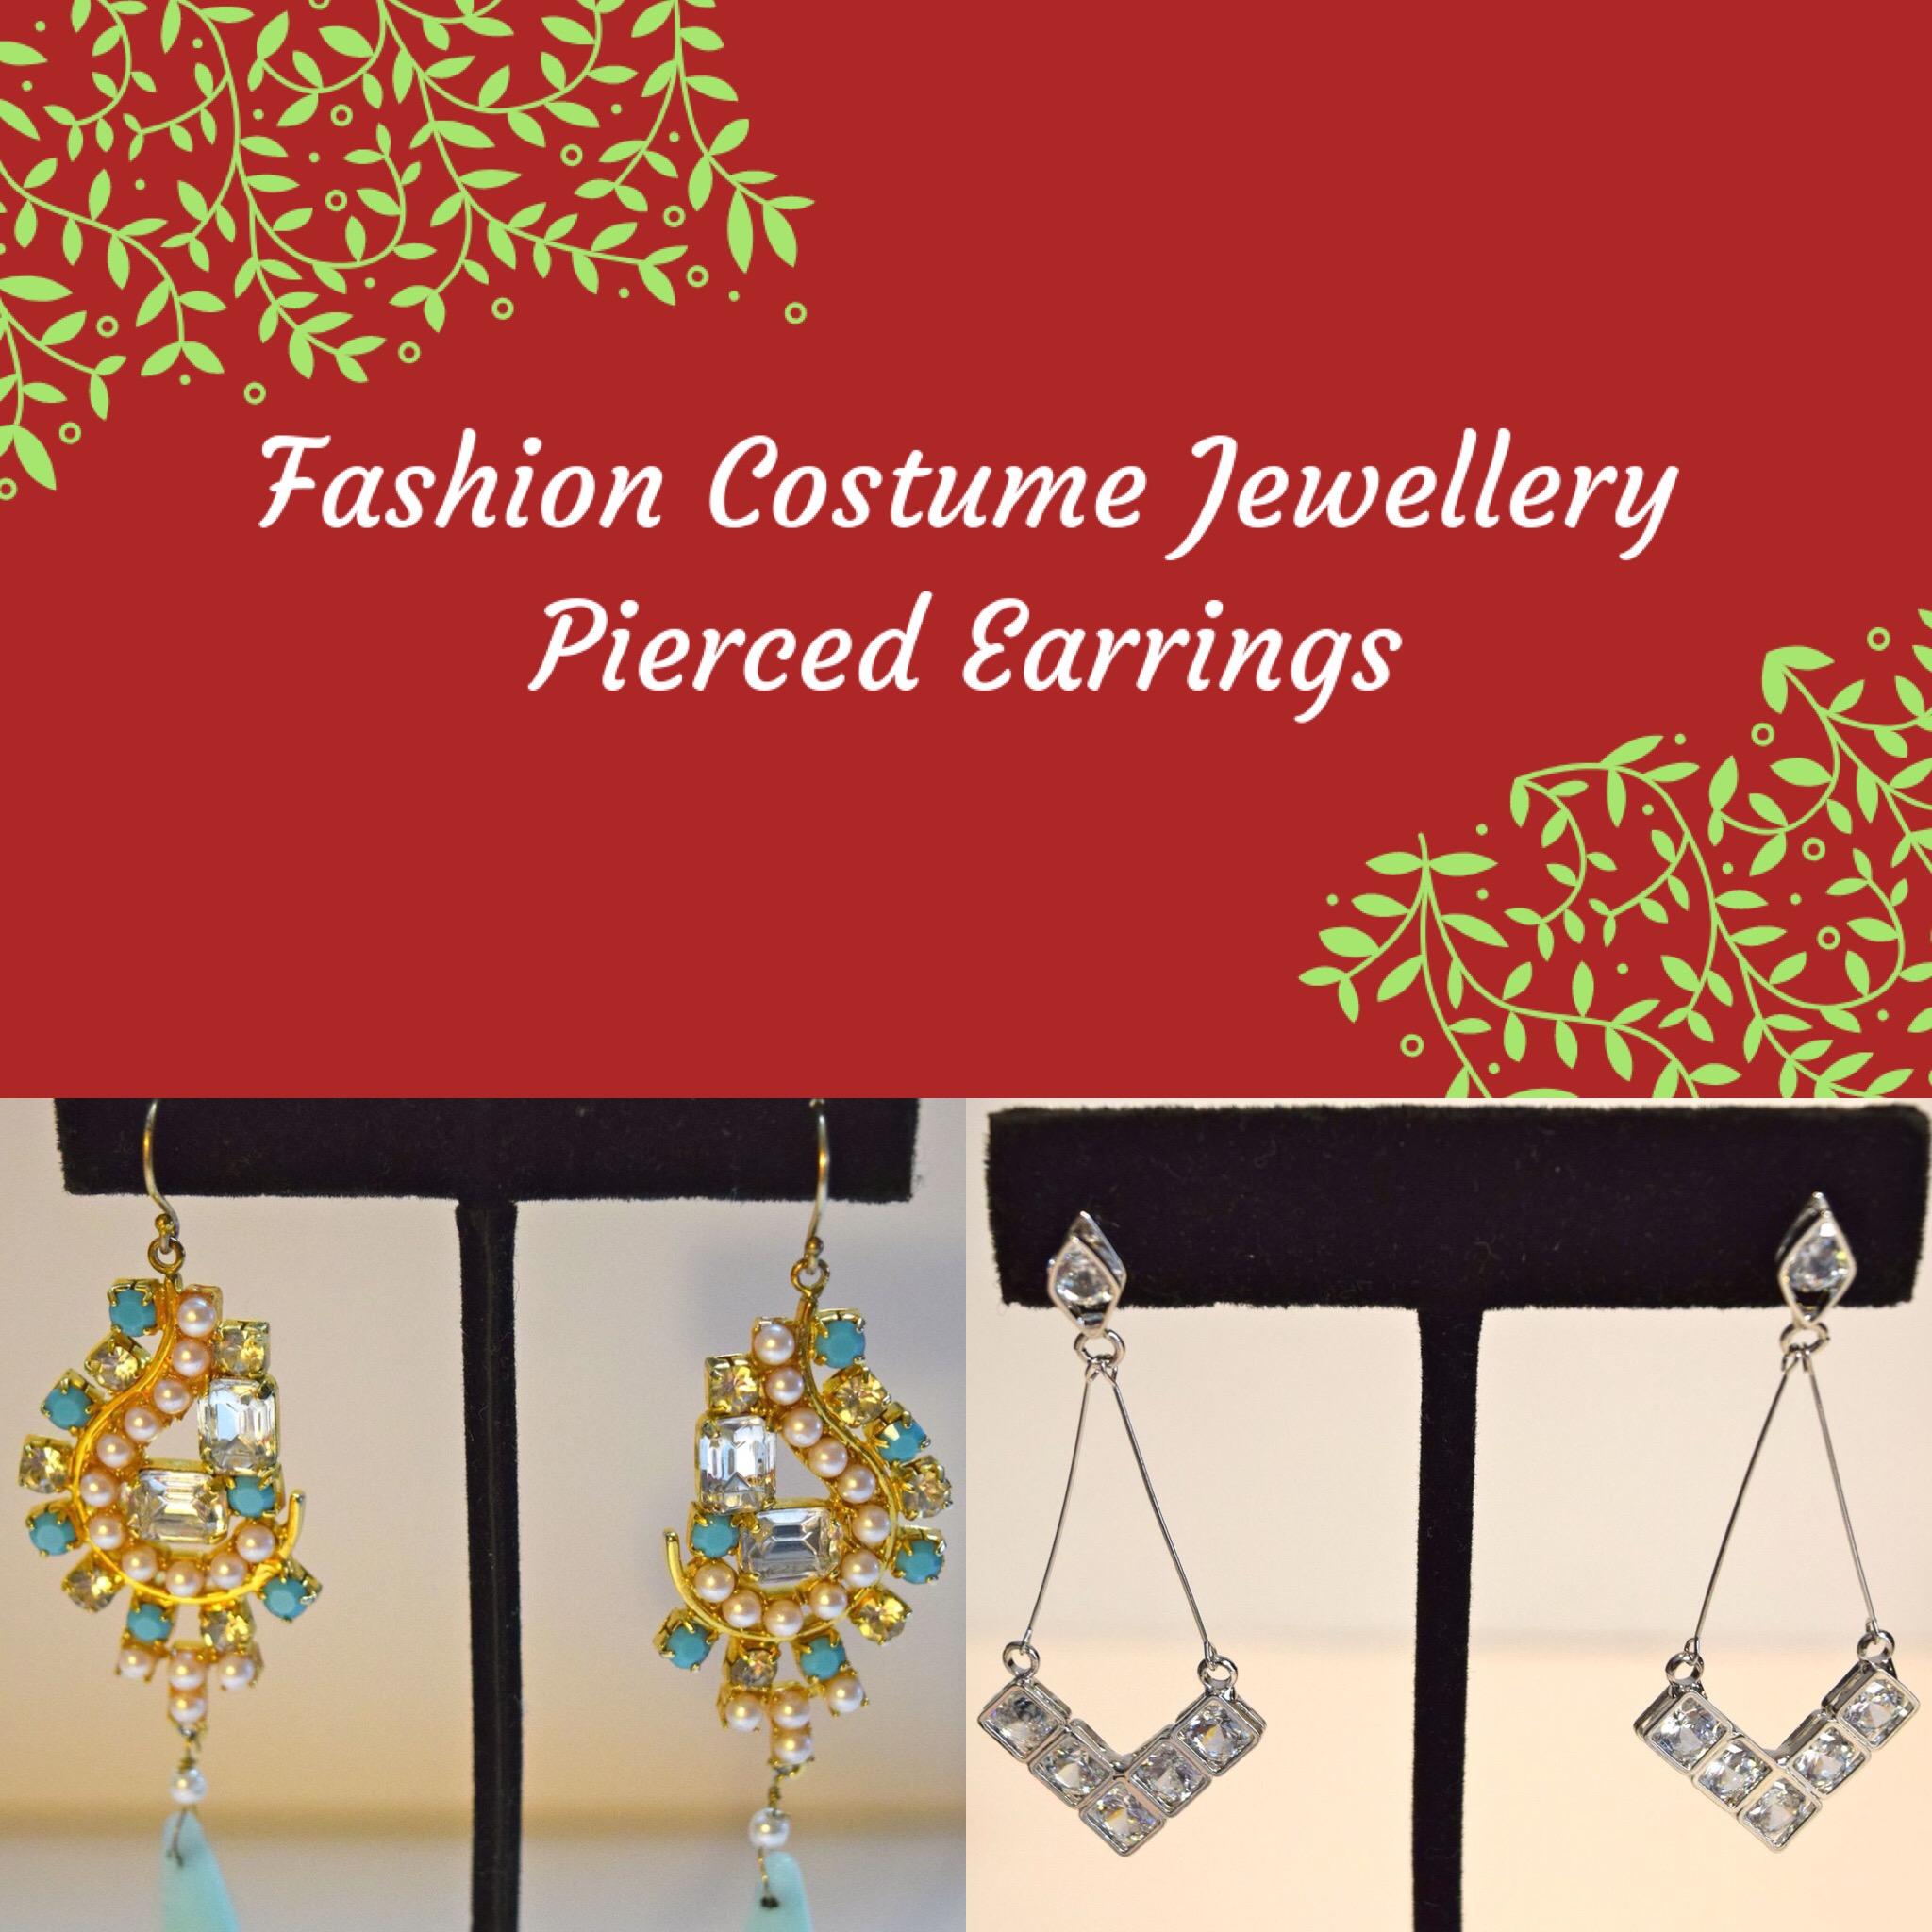 Fashion Costume Pierced Earrings